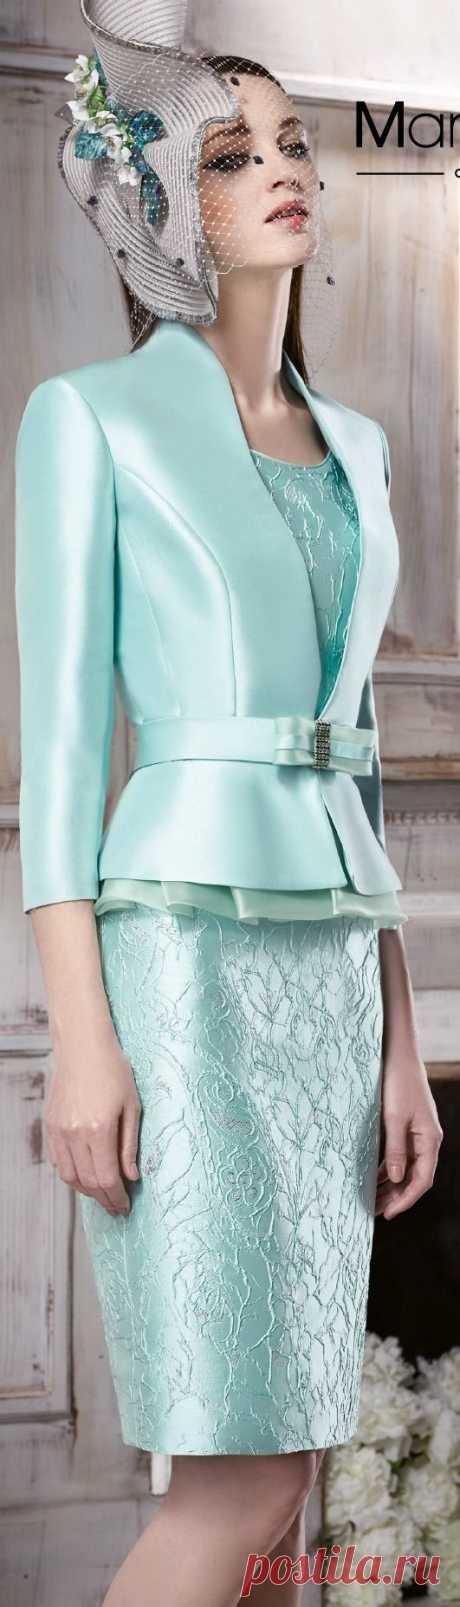 Коктейльний костюм: вбрання що зробить фігуру бездоганною!   Ідеї декору